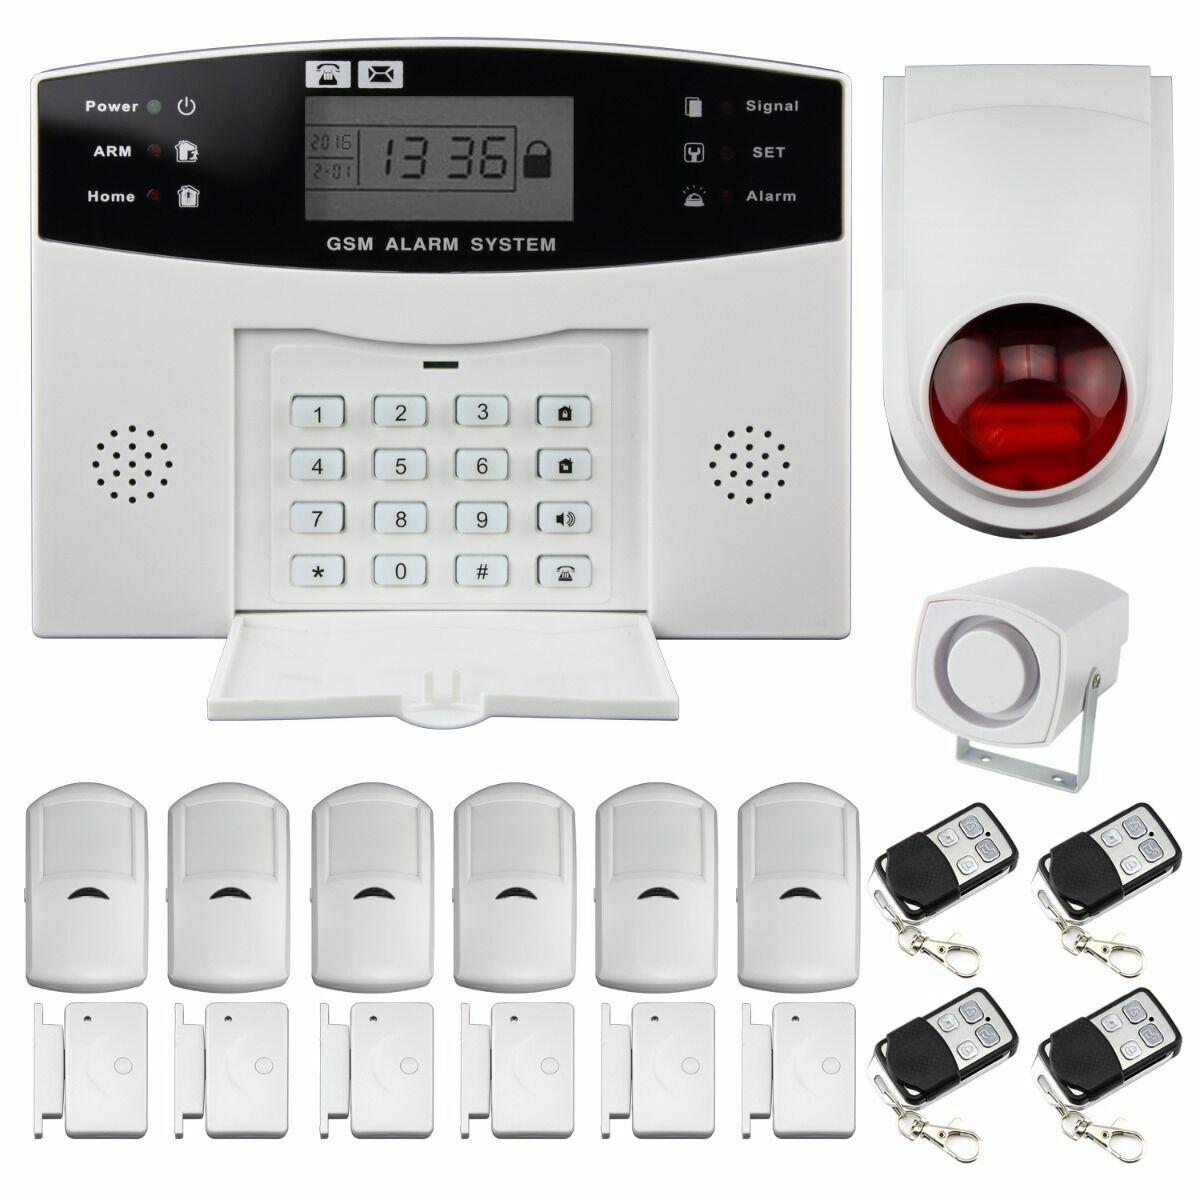 Host de alarma para sistema de alarma GSM Thustar